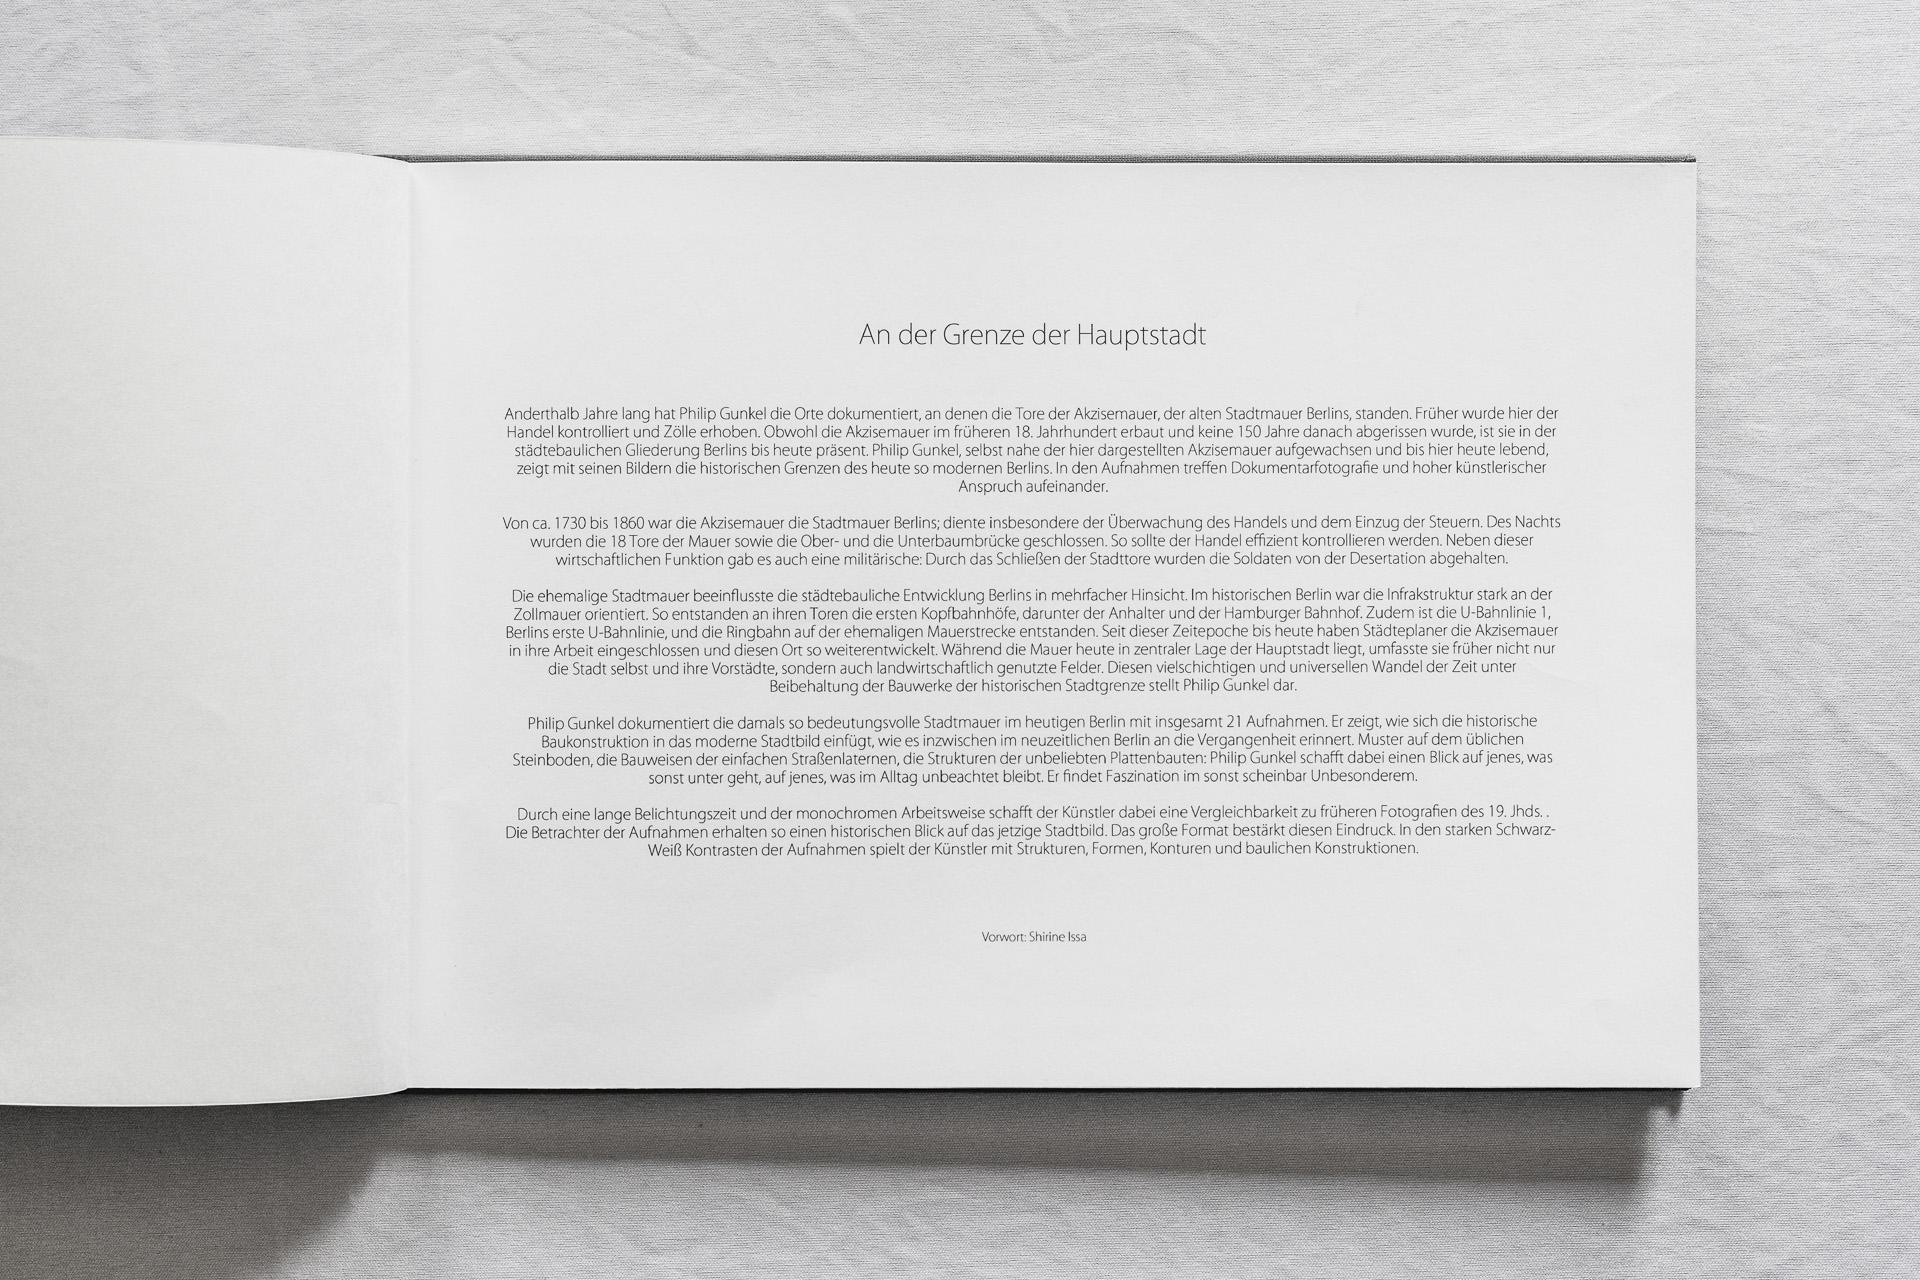 showroom projekte - Philip Gunkel10